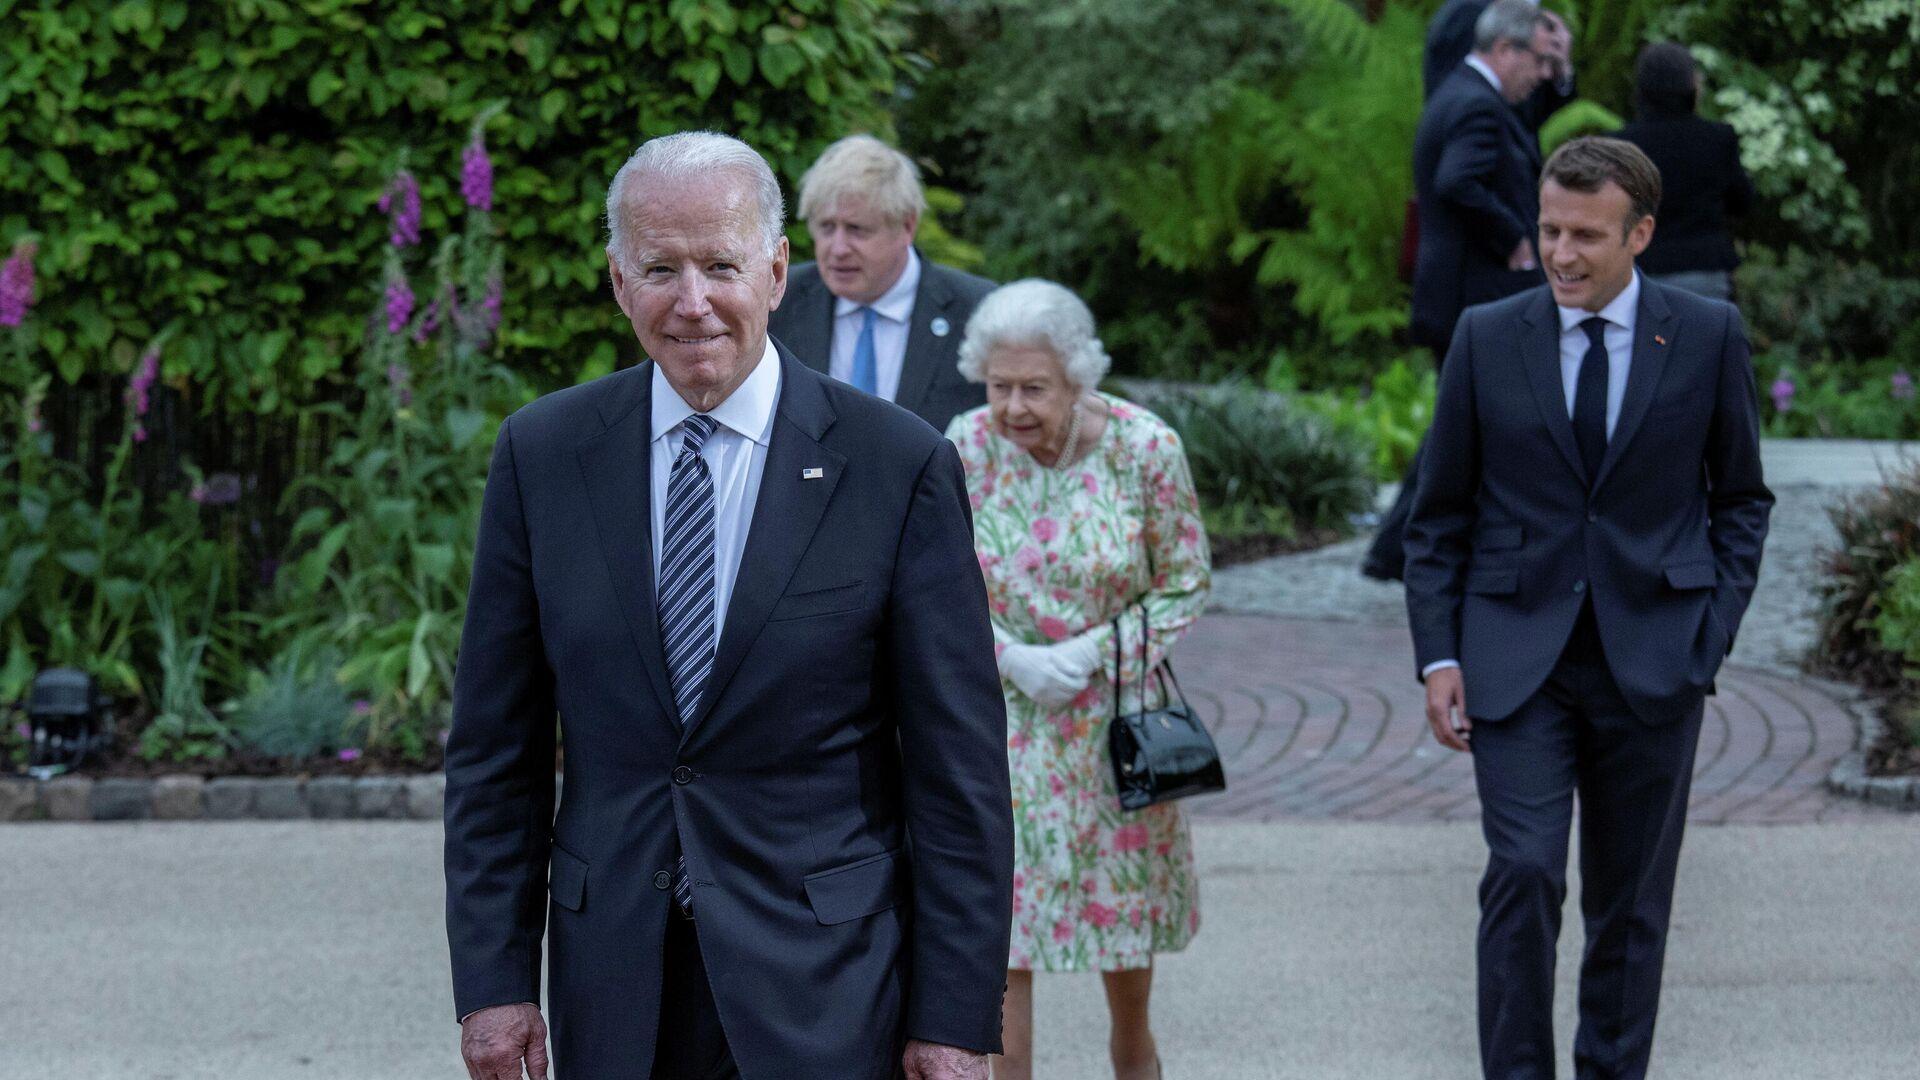 Королева Великобритании Елизавета, президент США Джо Байден, премьер-министр Великобритании Борис Джонсон и президент Франции Эммануэль Макрон на саммите G7 в графстве Корнуолл, Великобритания - РИА Новости, 1920, 13.06.2021